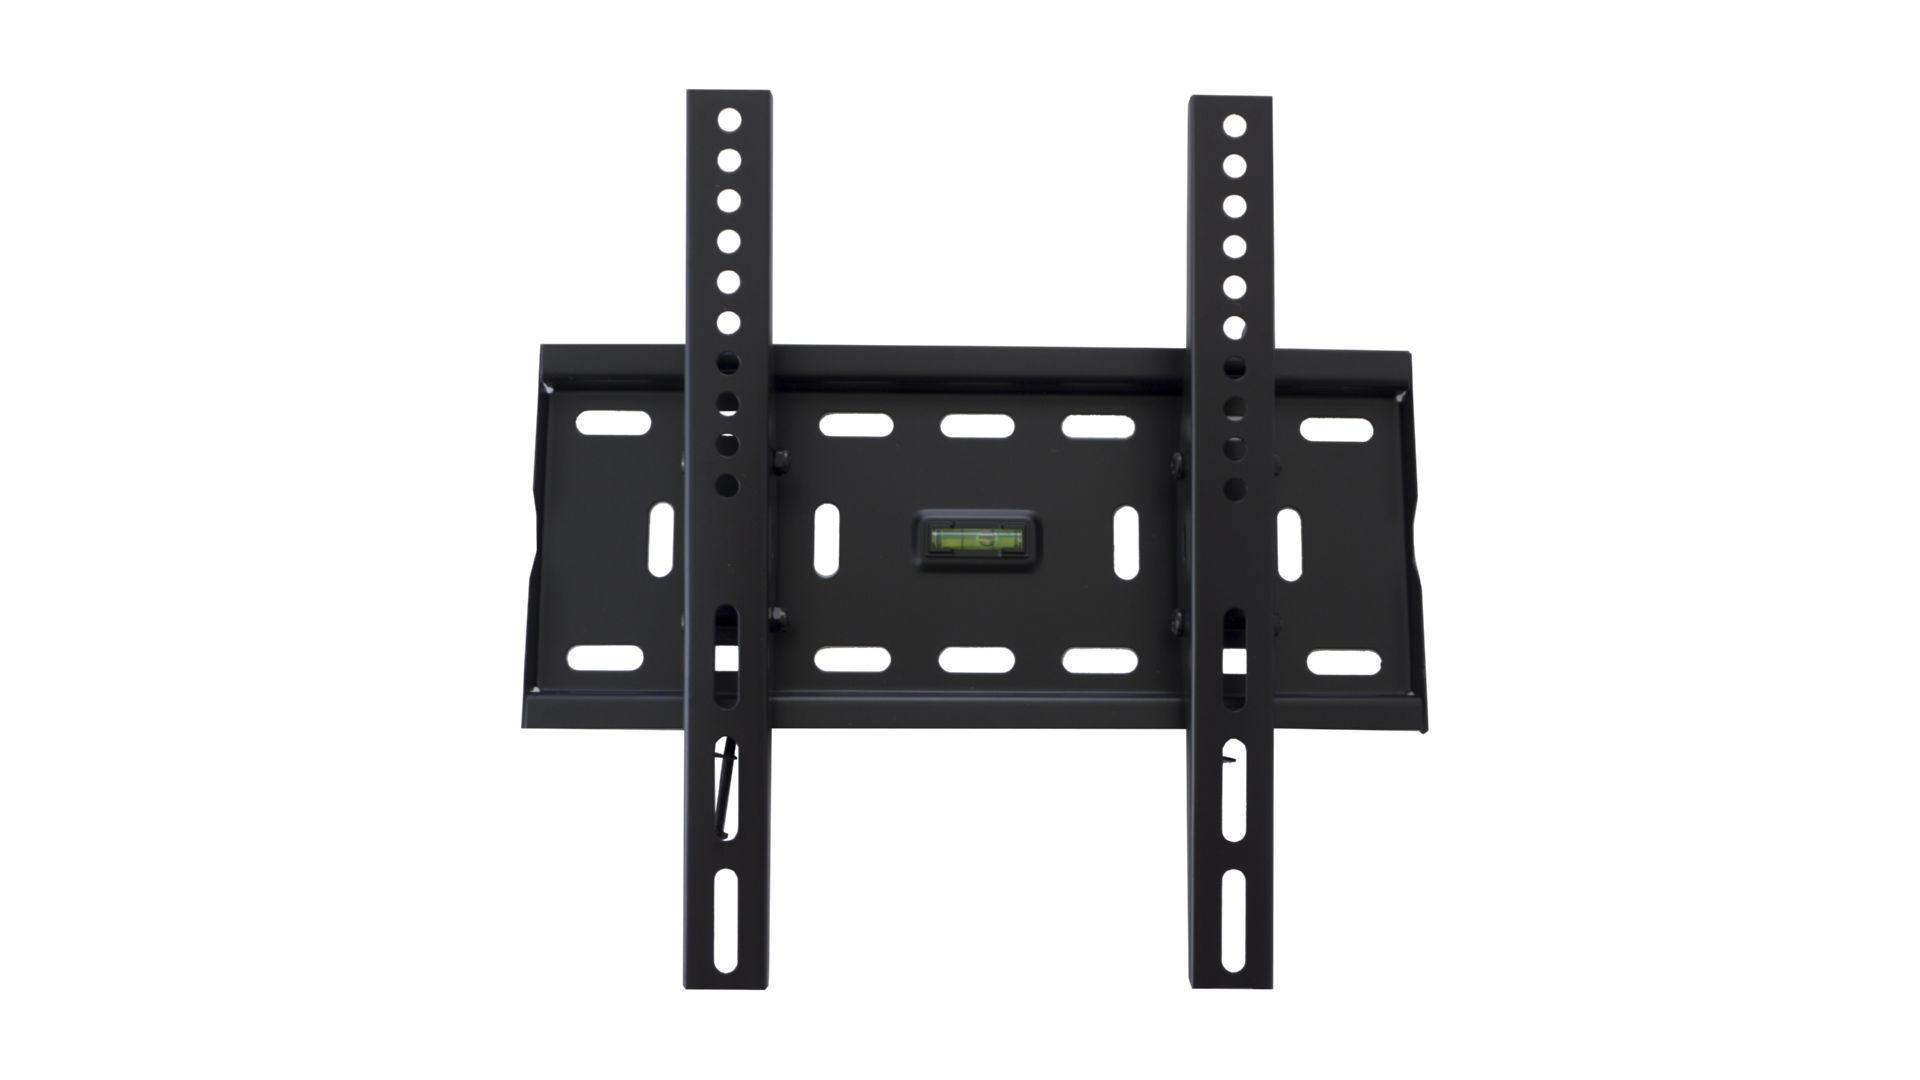 Кронштейн для телевизора Wimpex - 300 x 300 мм x 45 кг 4